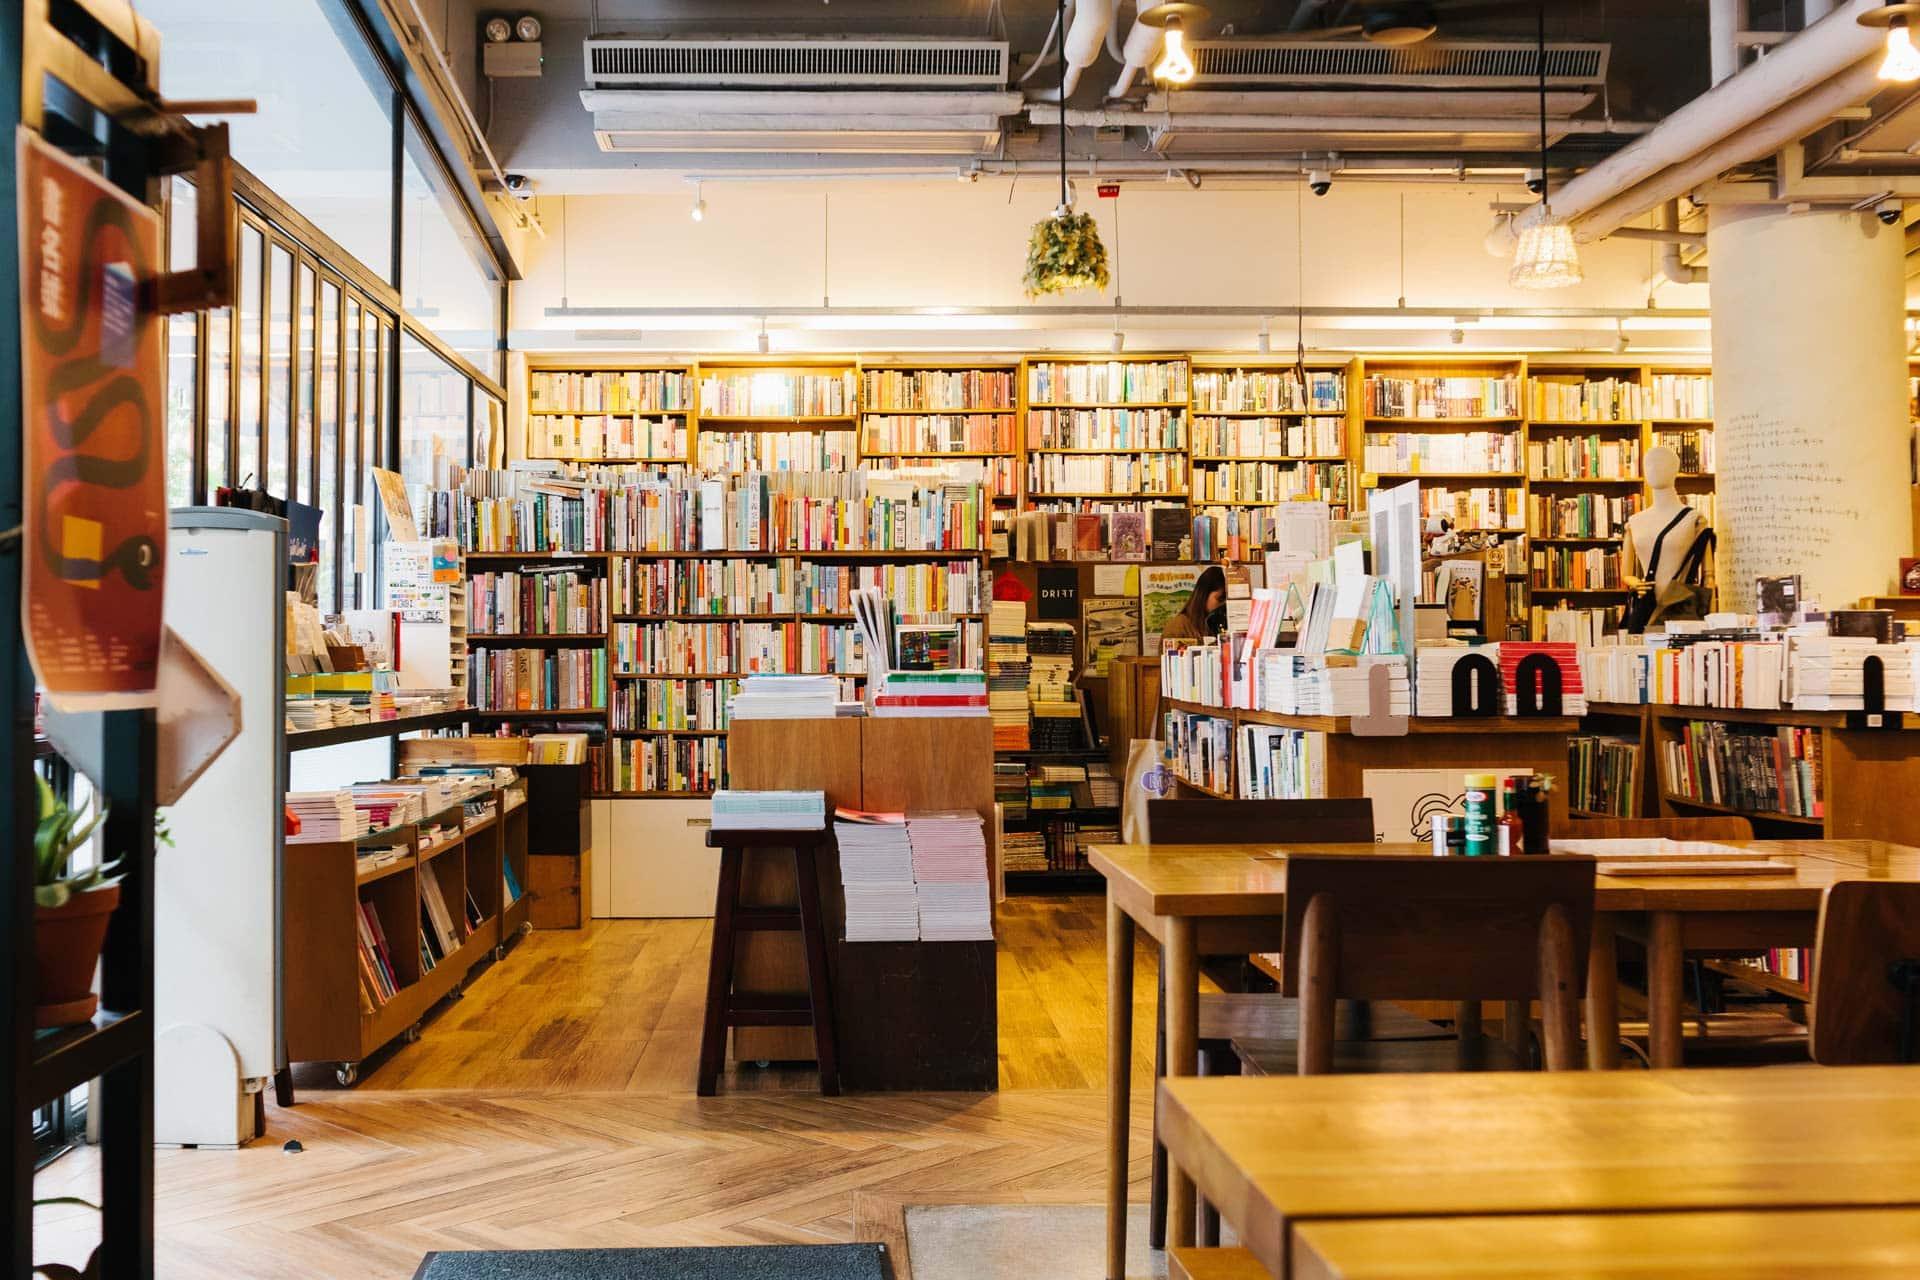 百老匯電影中心戲院旁的 Kubrick,是集咖啡室、書店、精品店、展覽於一身的文化場所。